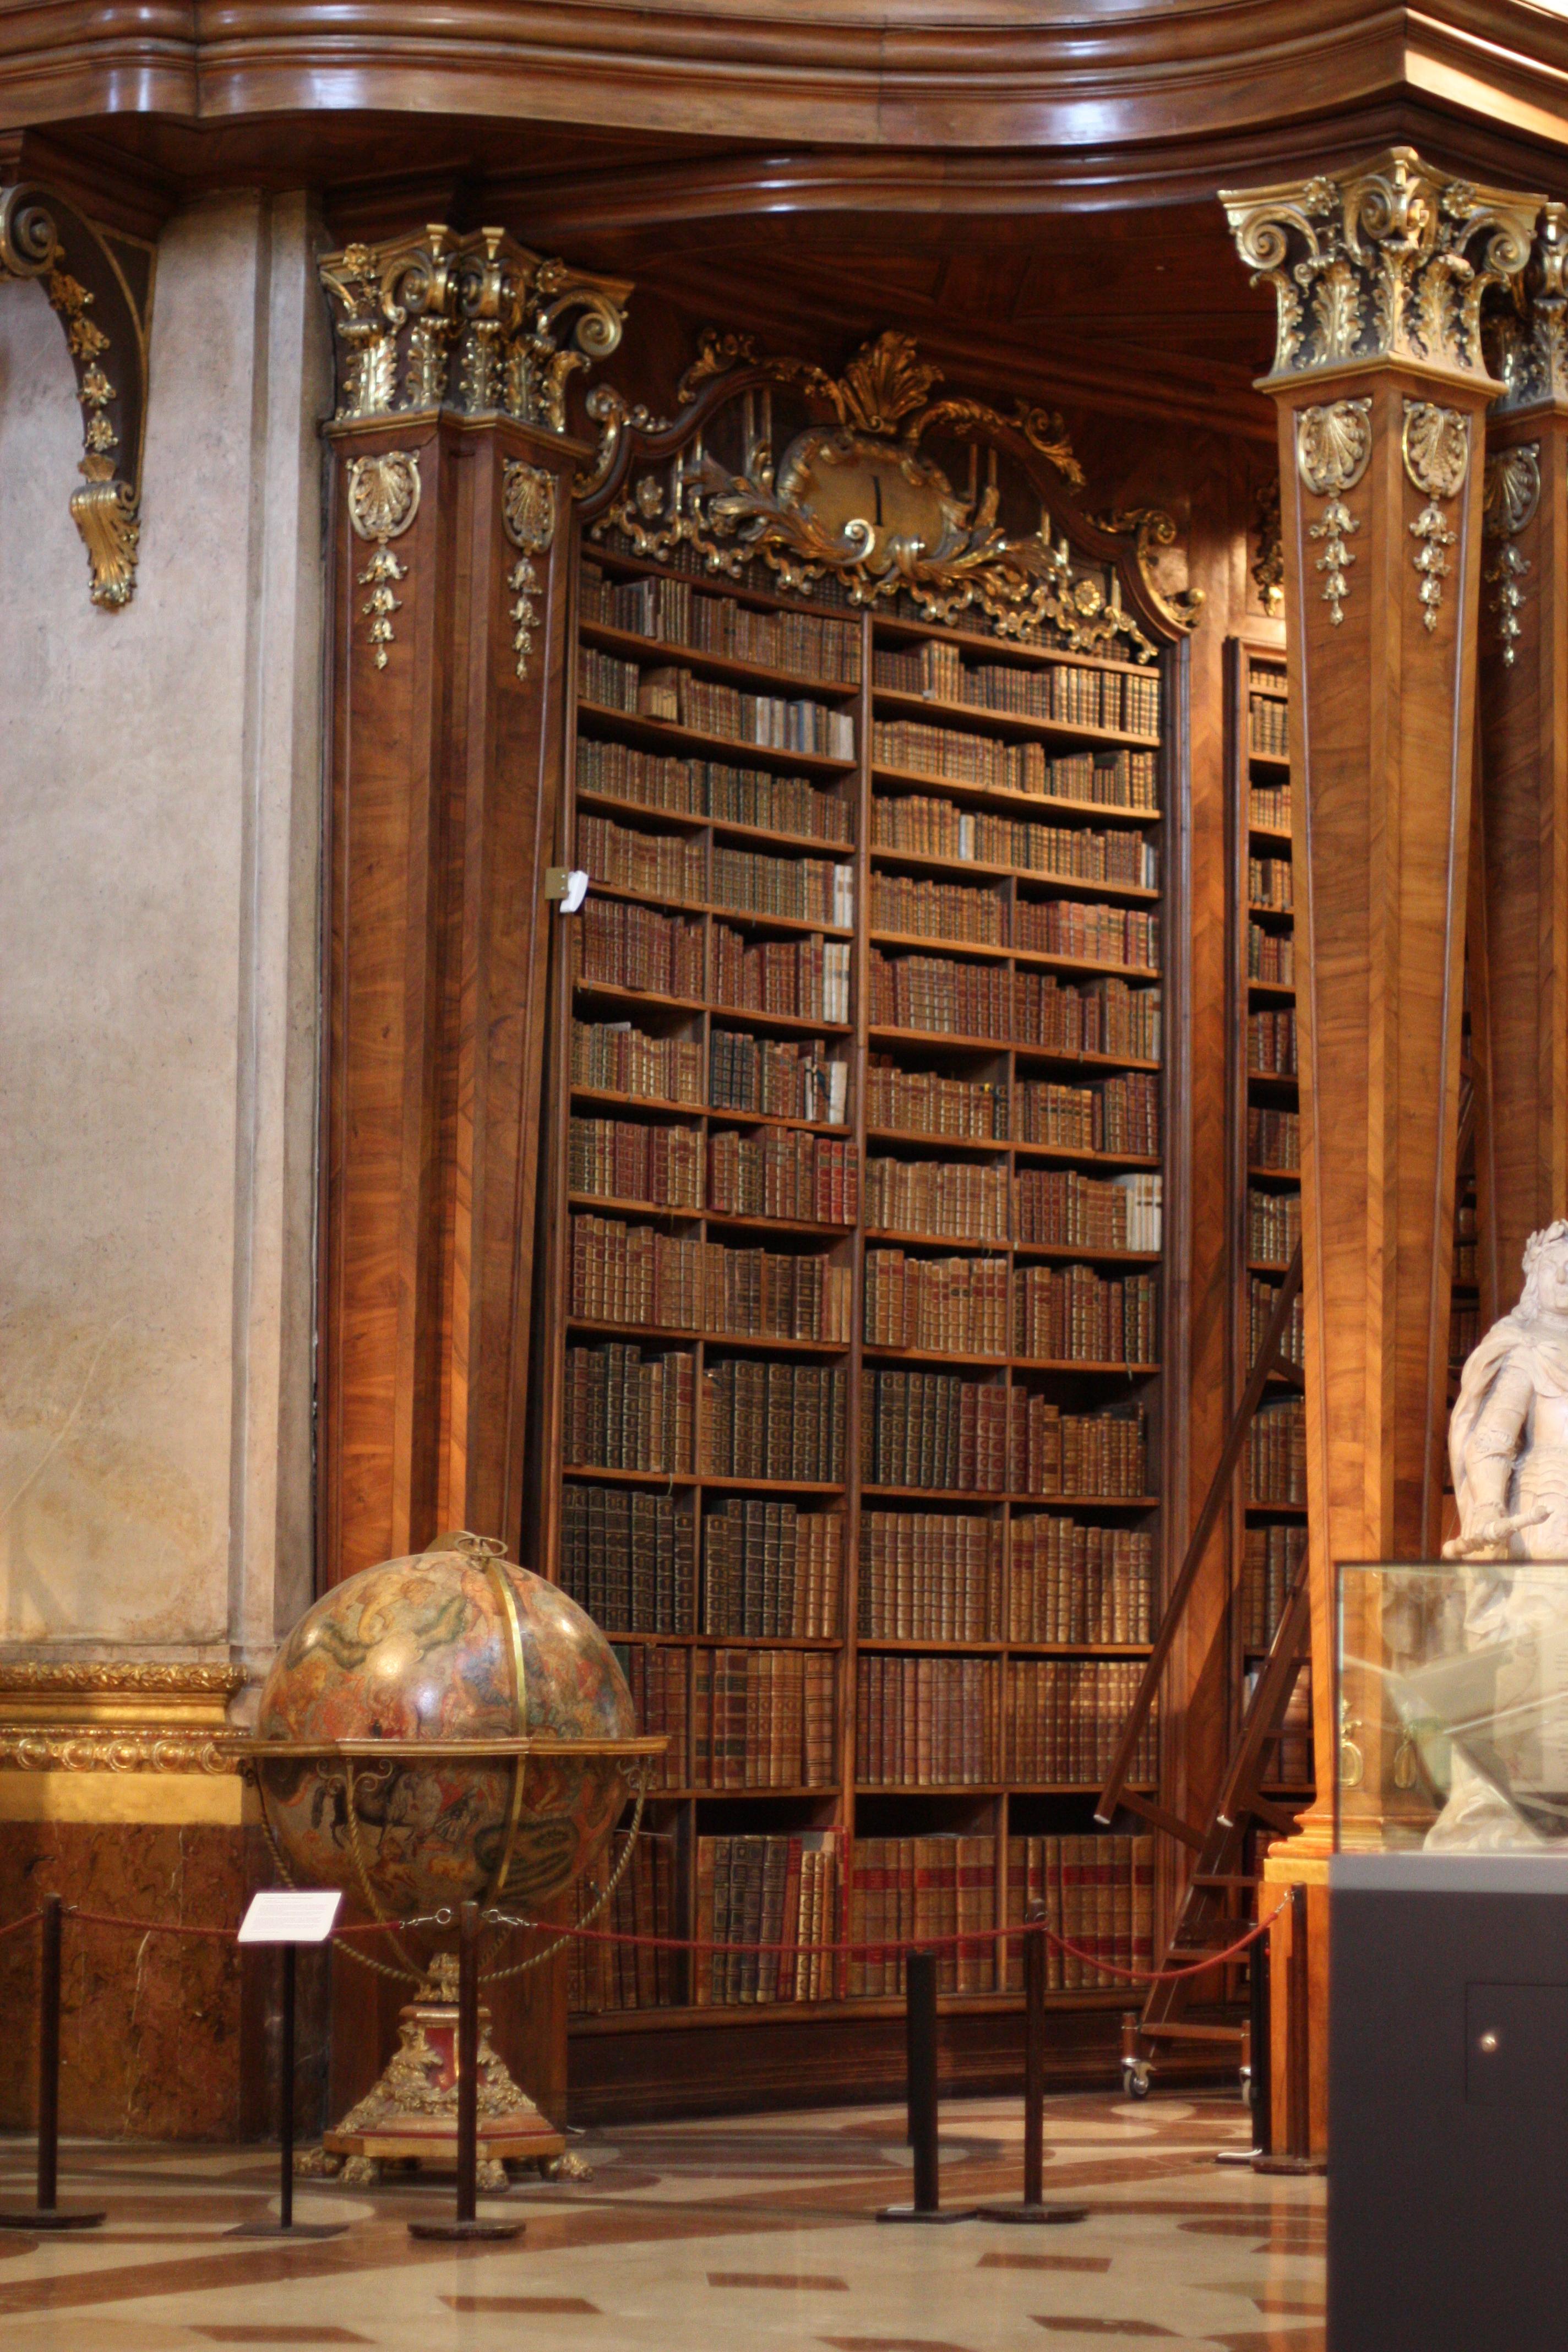 В Храме Книги есть свои капеллы – небольшие ниши по бокам от главного помещения. Источник https://upload.wikimedia.org/